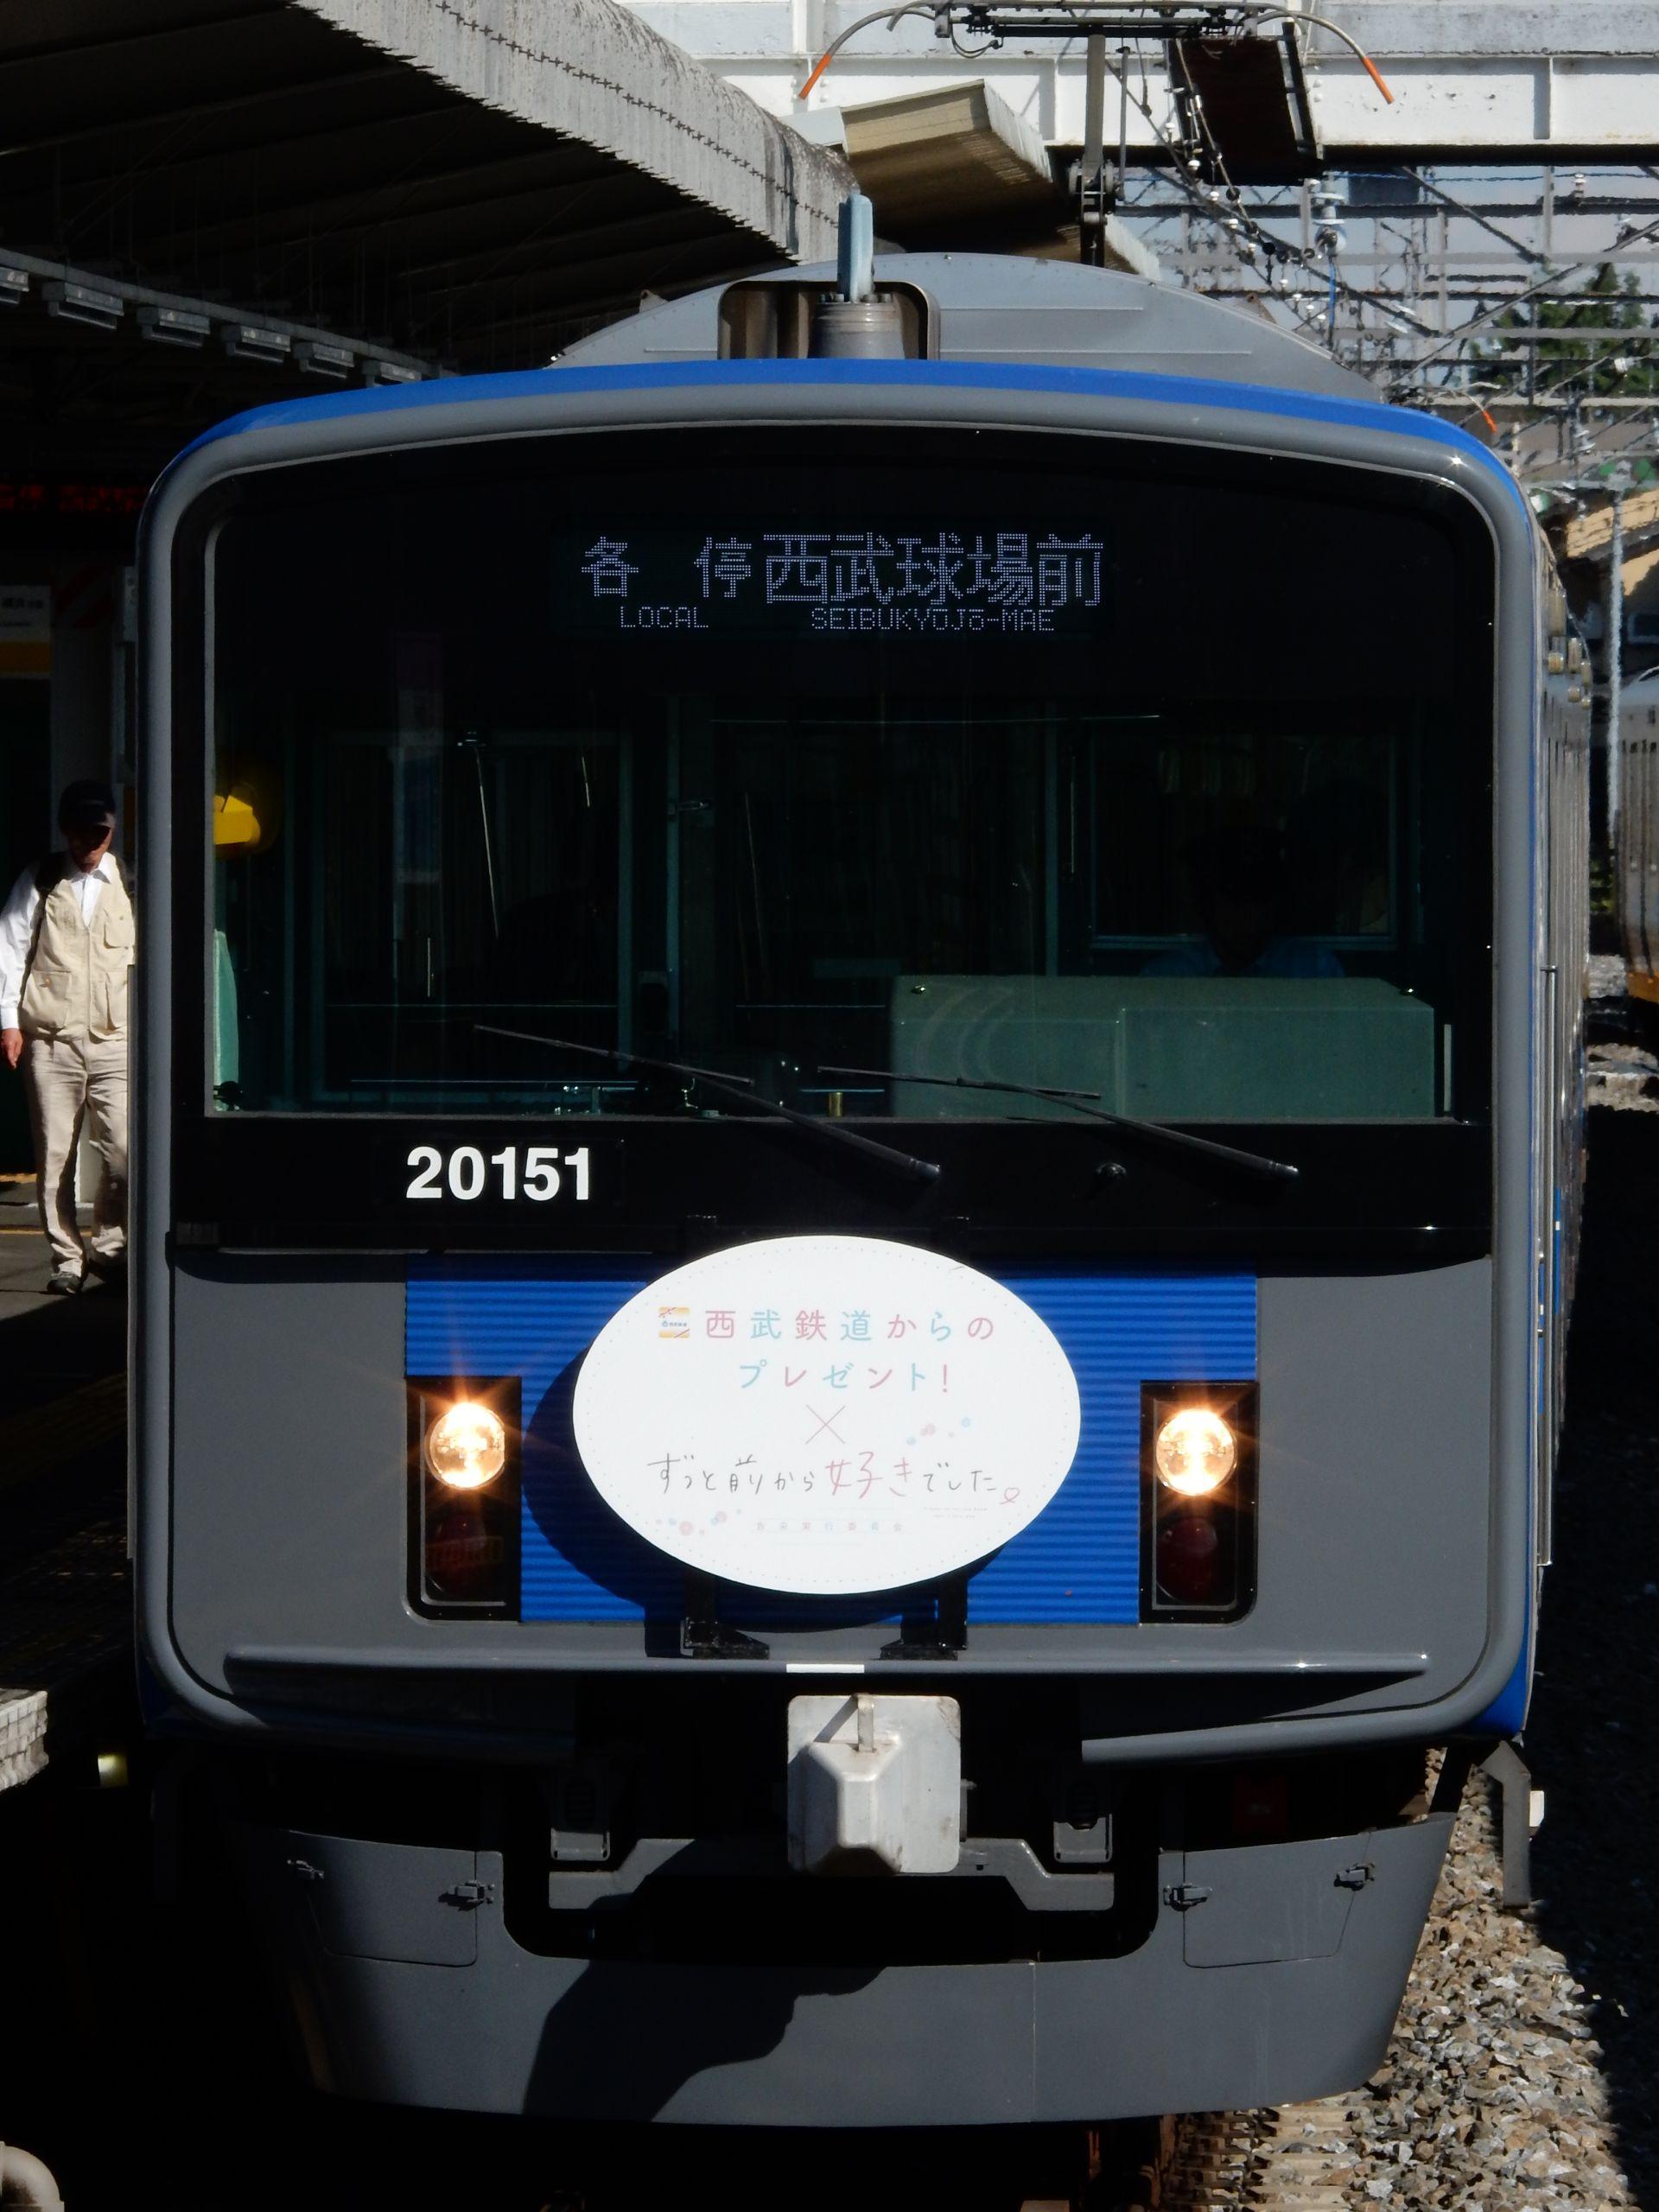 DSCN9823 - コピー